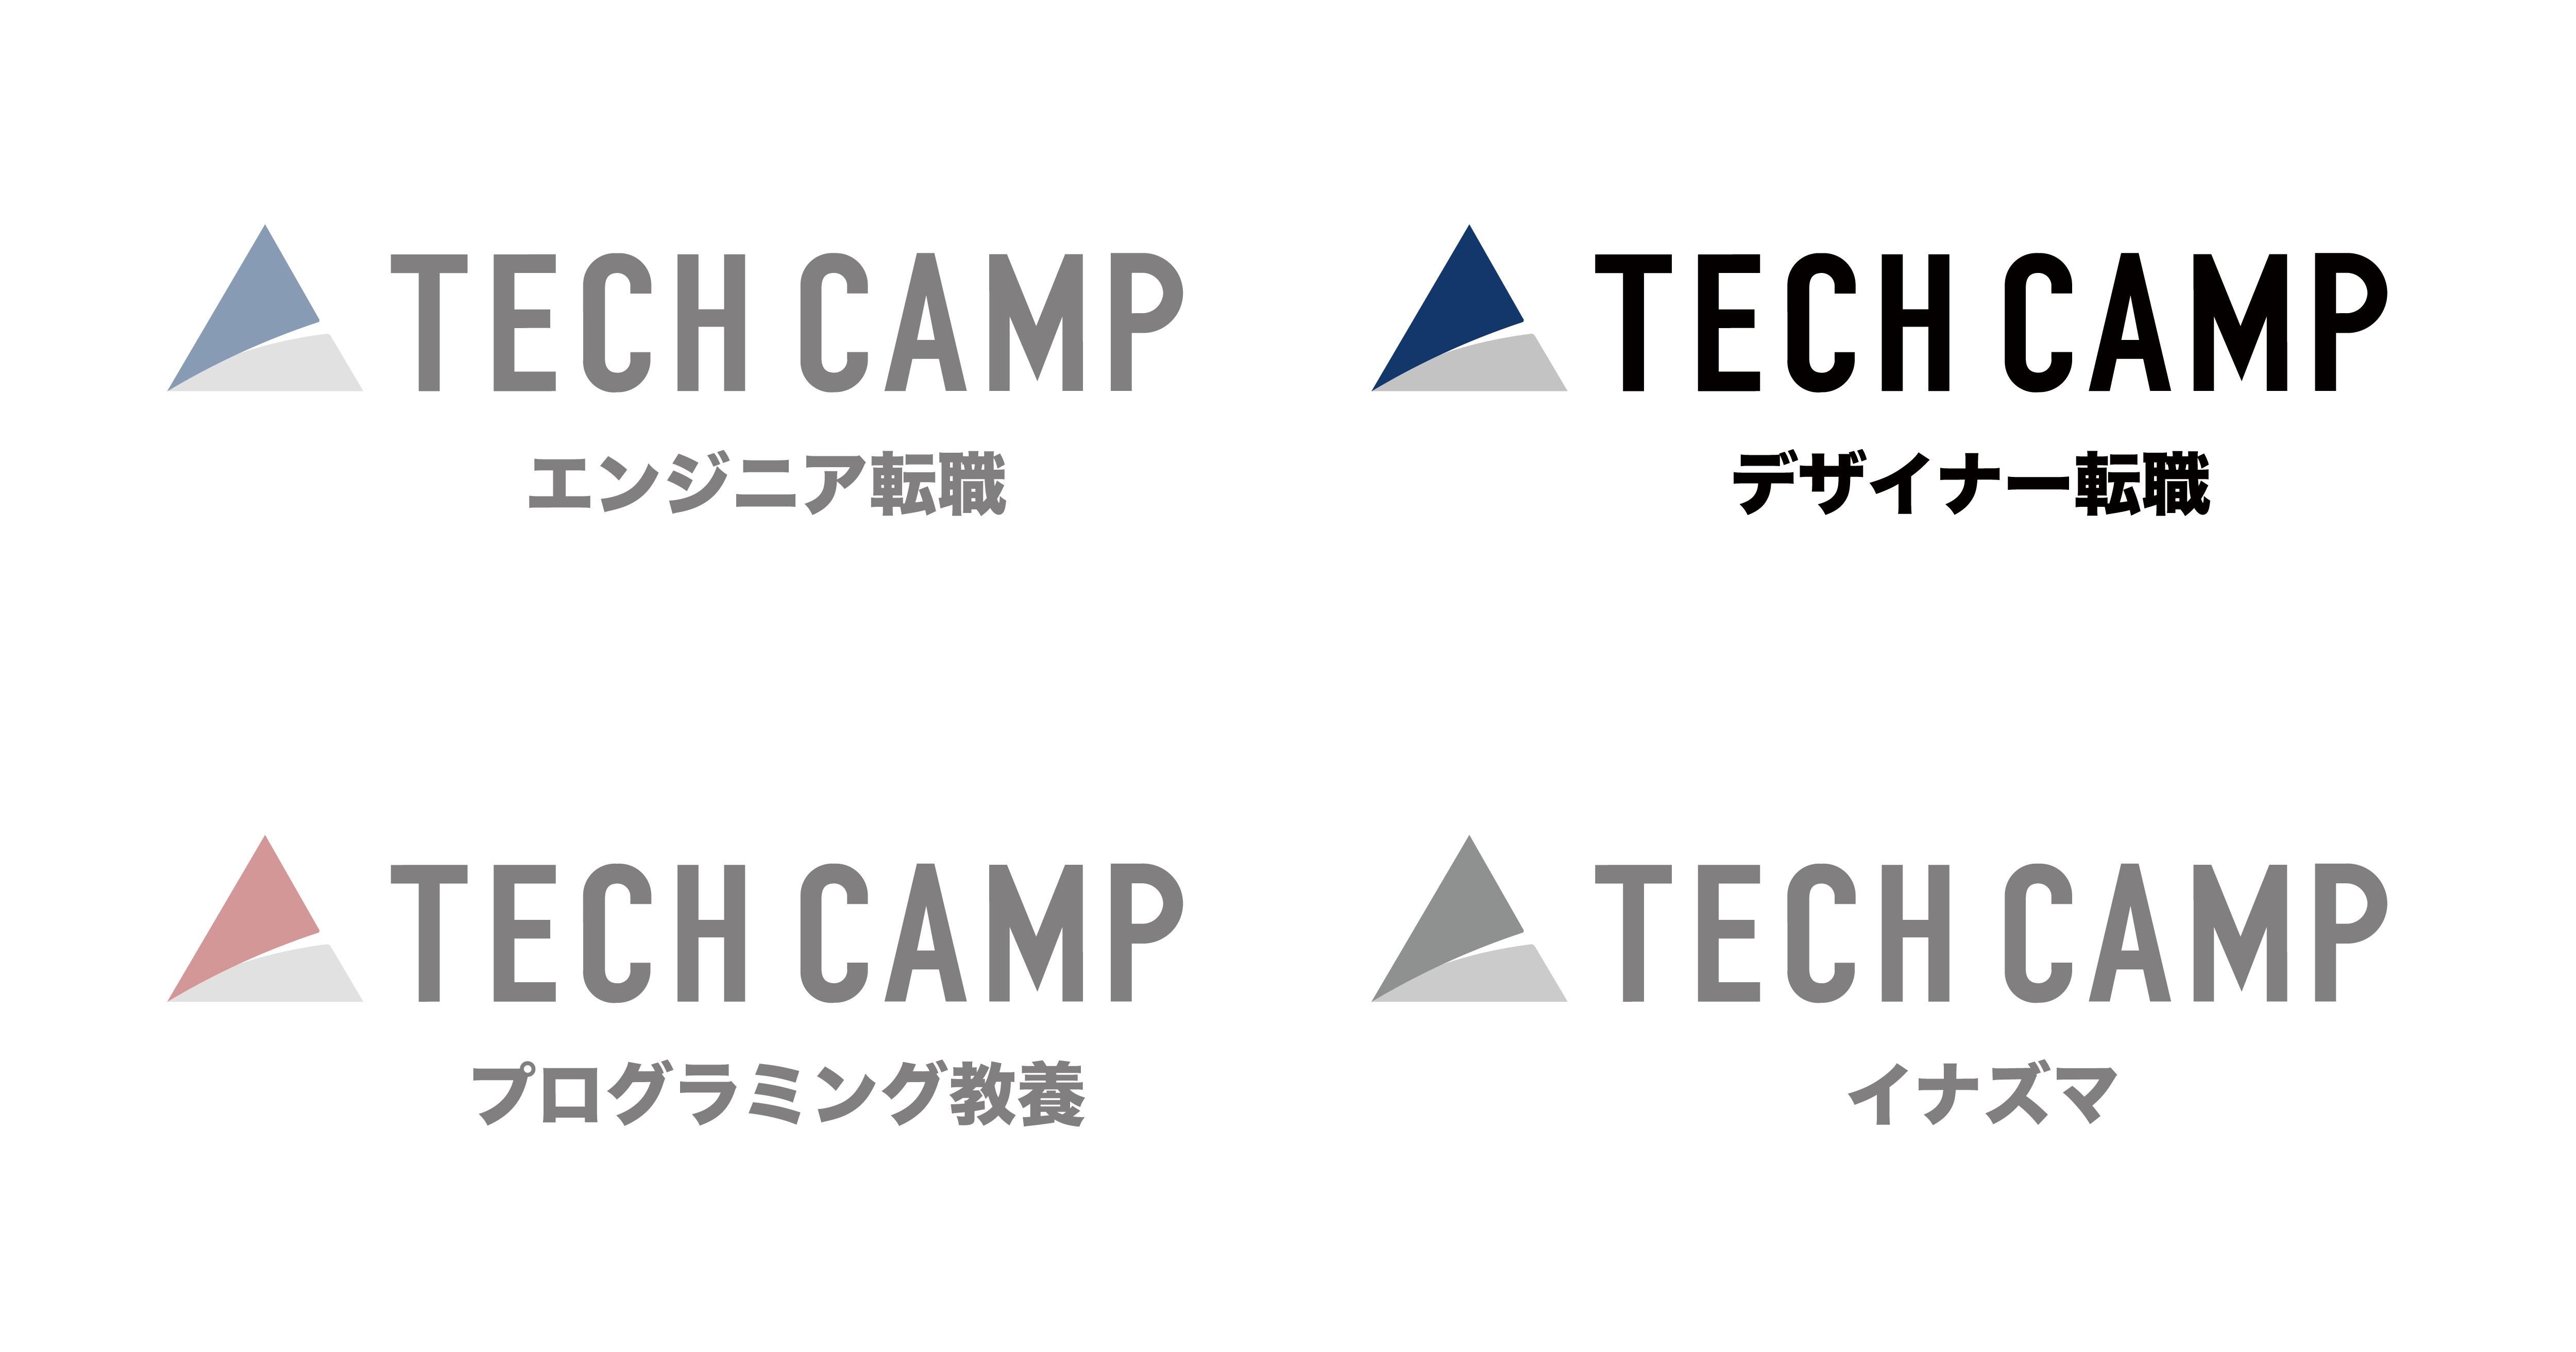 テックキャンプデザイナー転職